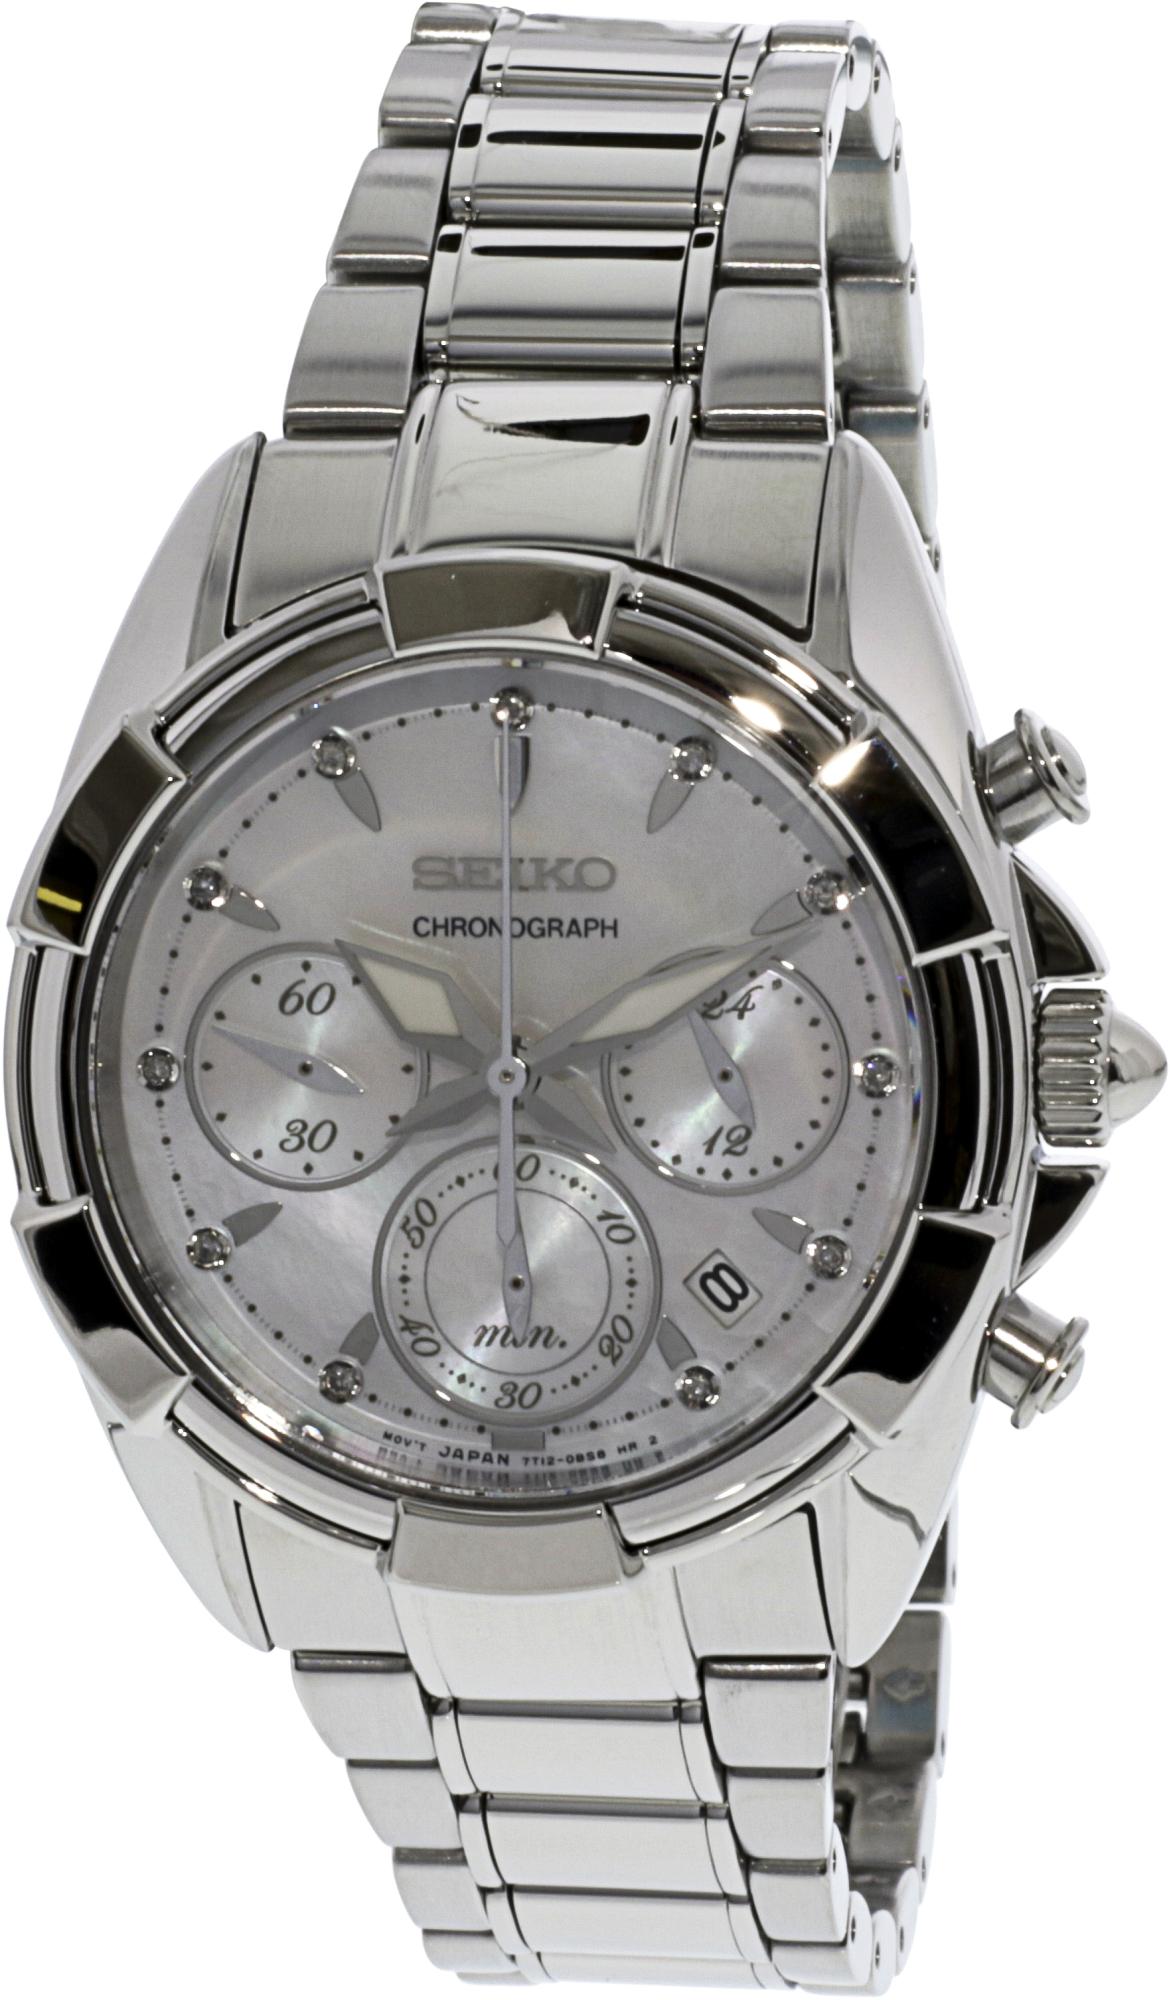 Seiko_SRW807_Silver_Fashion_Watch